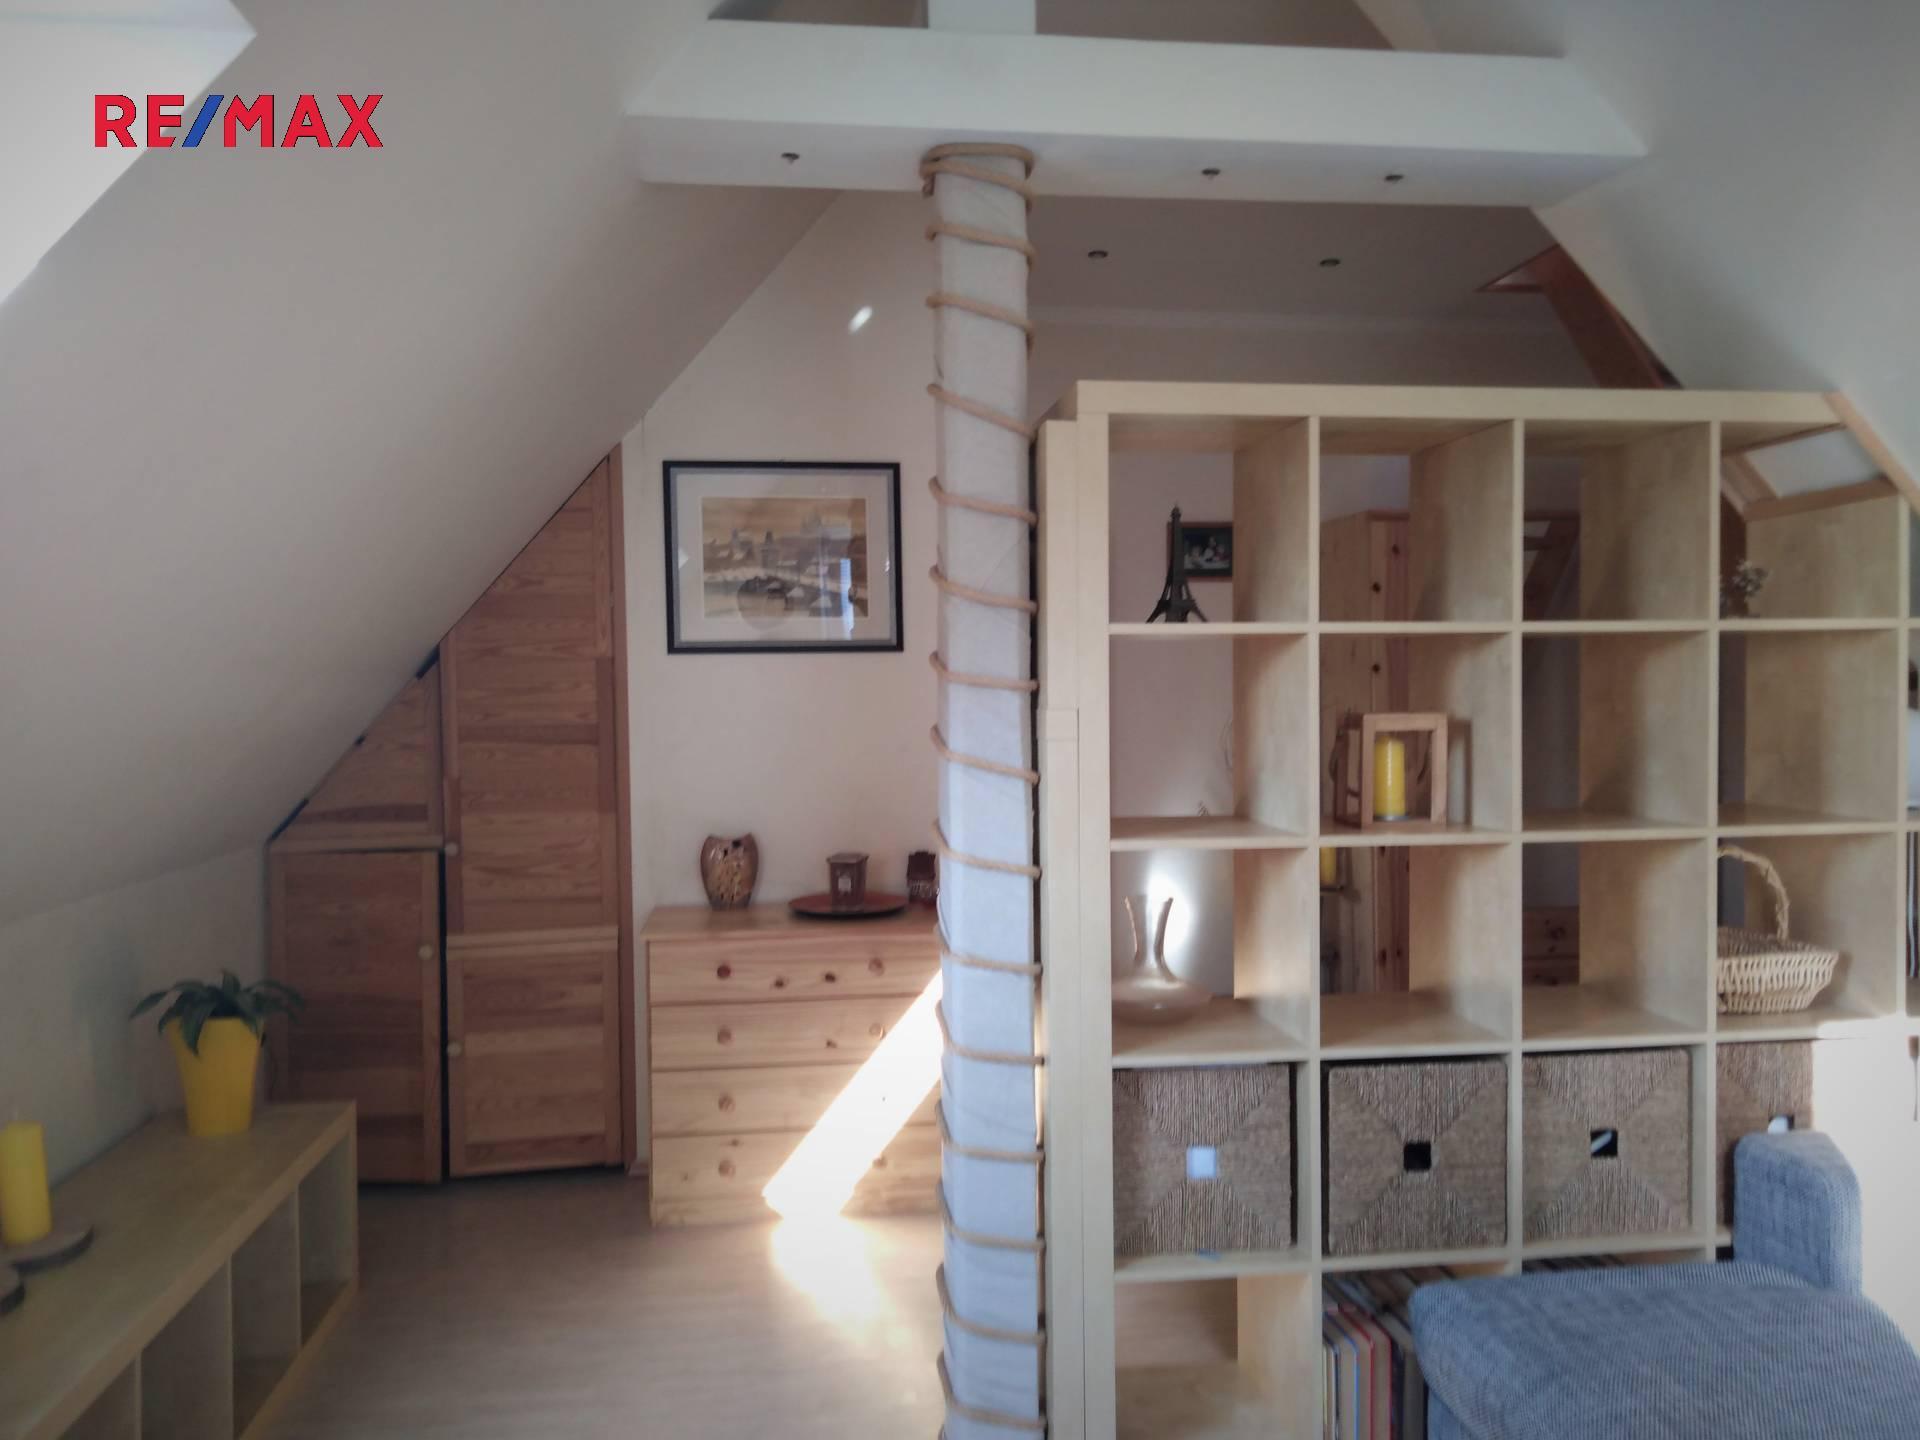 Prodej rodinné vily 194 m², pozemek 300 m² ulice Karla Aksamita, Teplice – část obce Trnovany